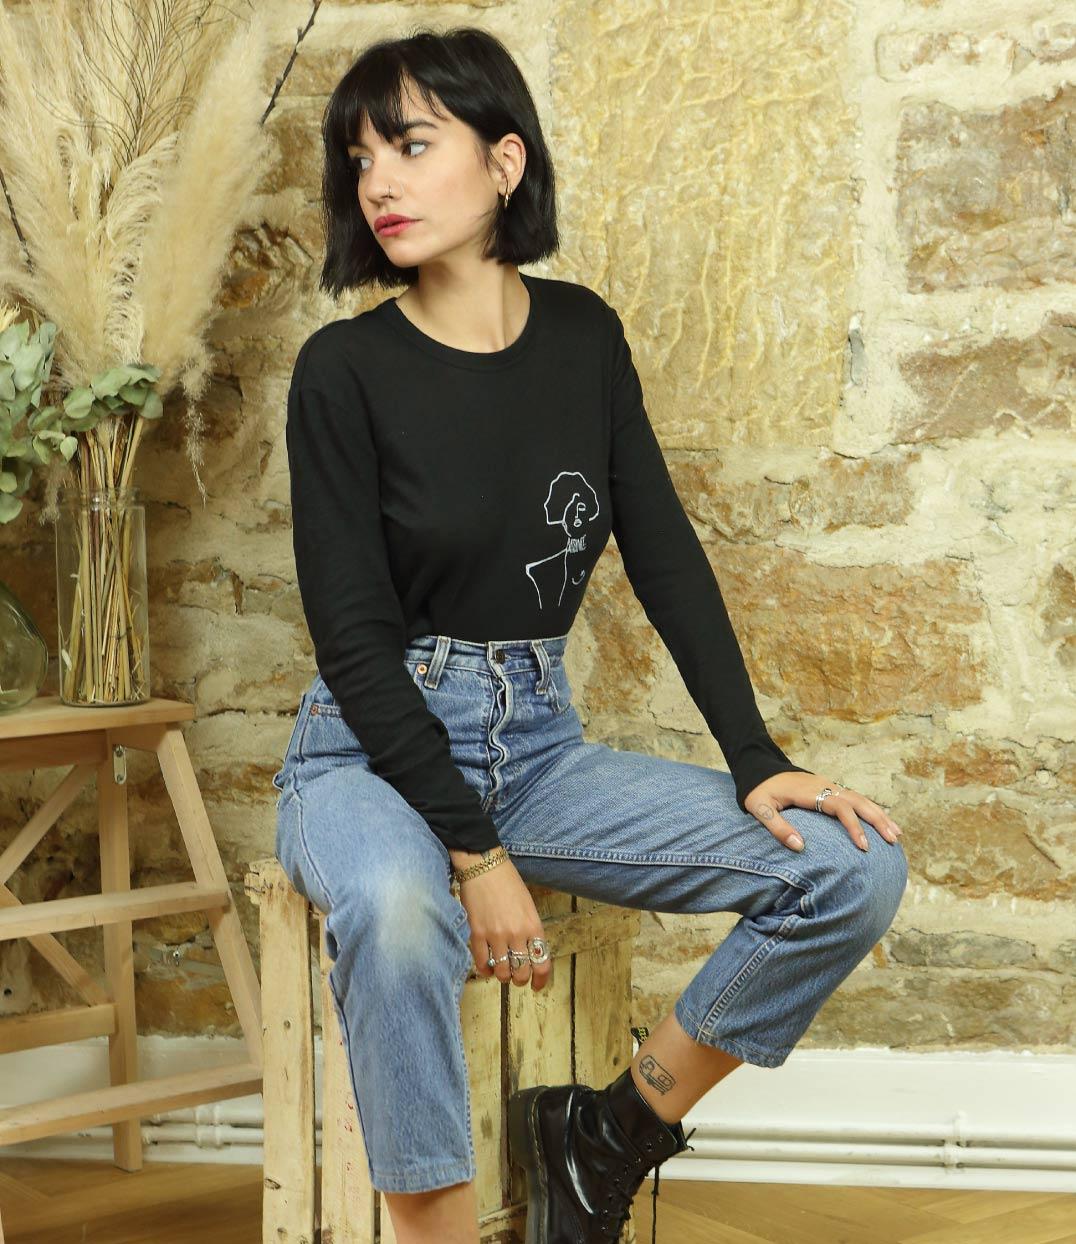 femme portant T-shirt manches longues noir assise sur un tabouret